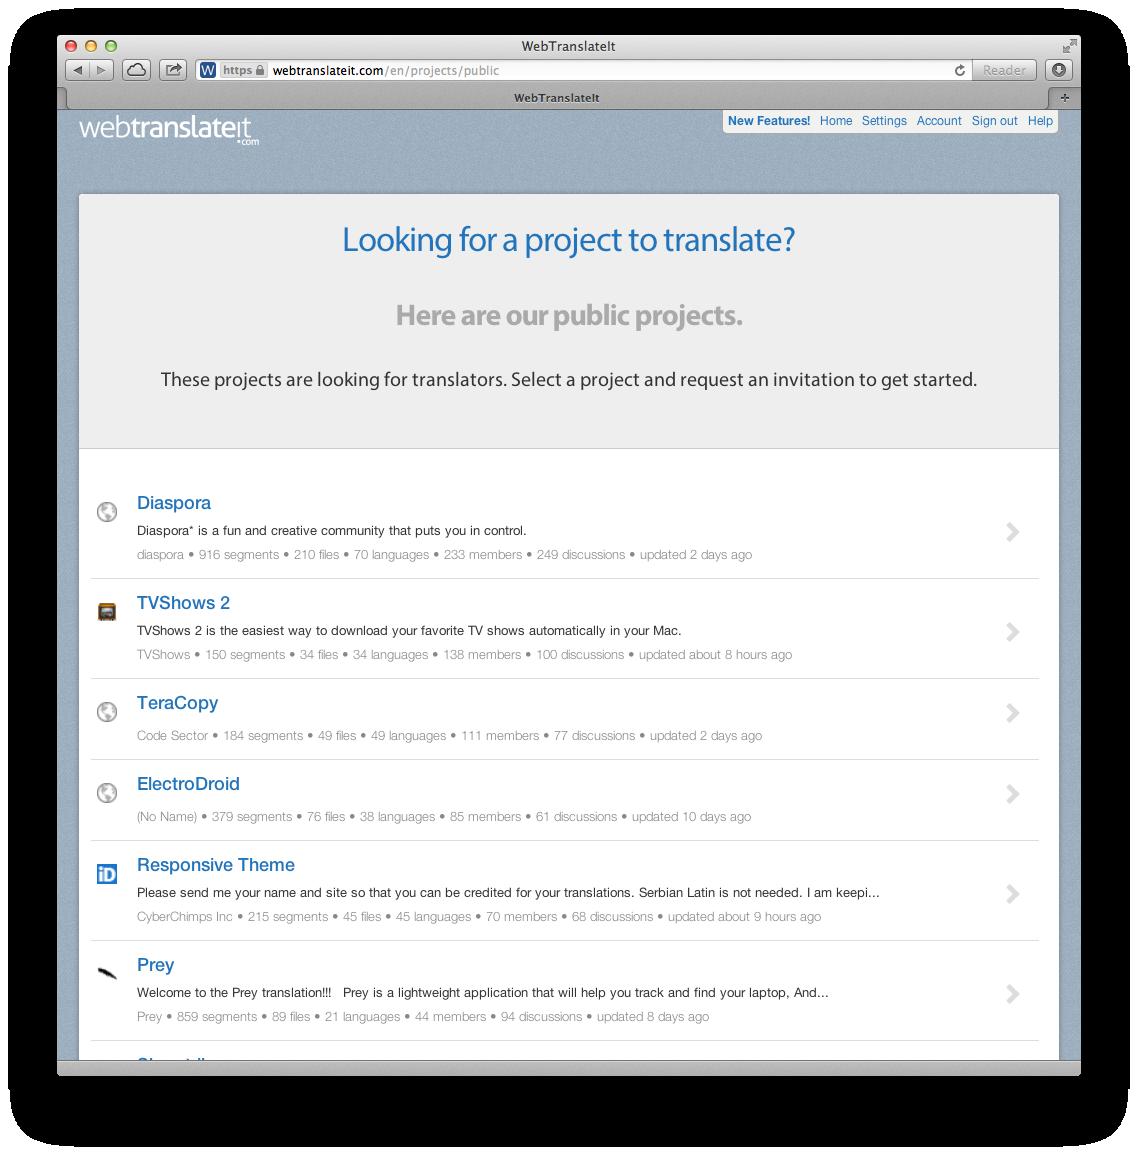 Public projects on WebTranslateIt